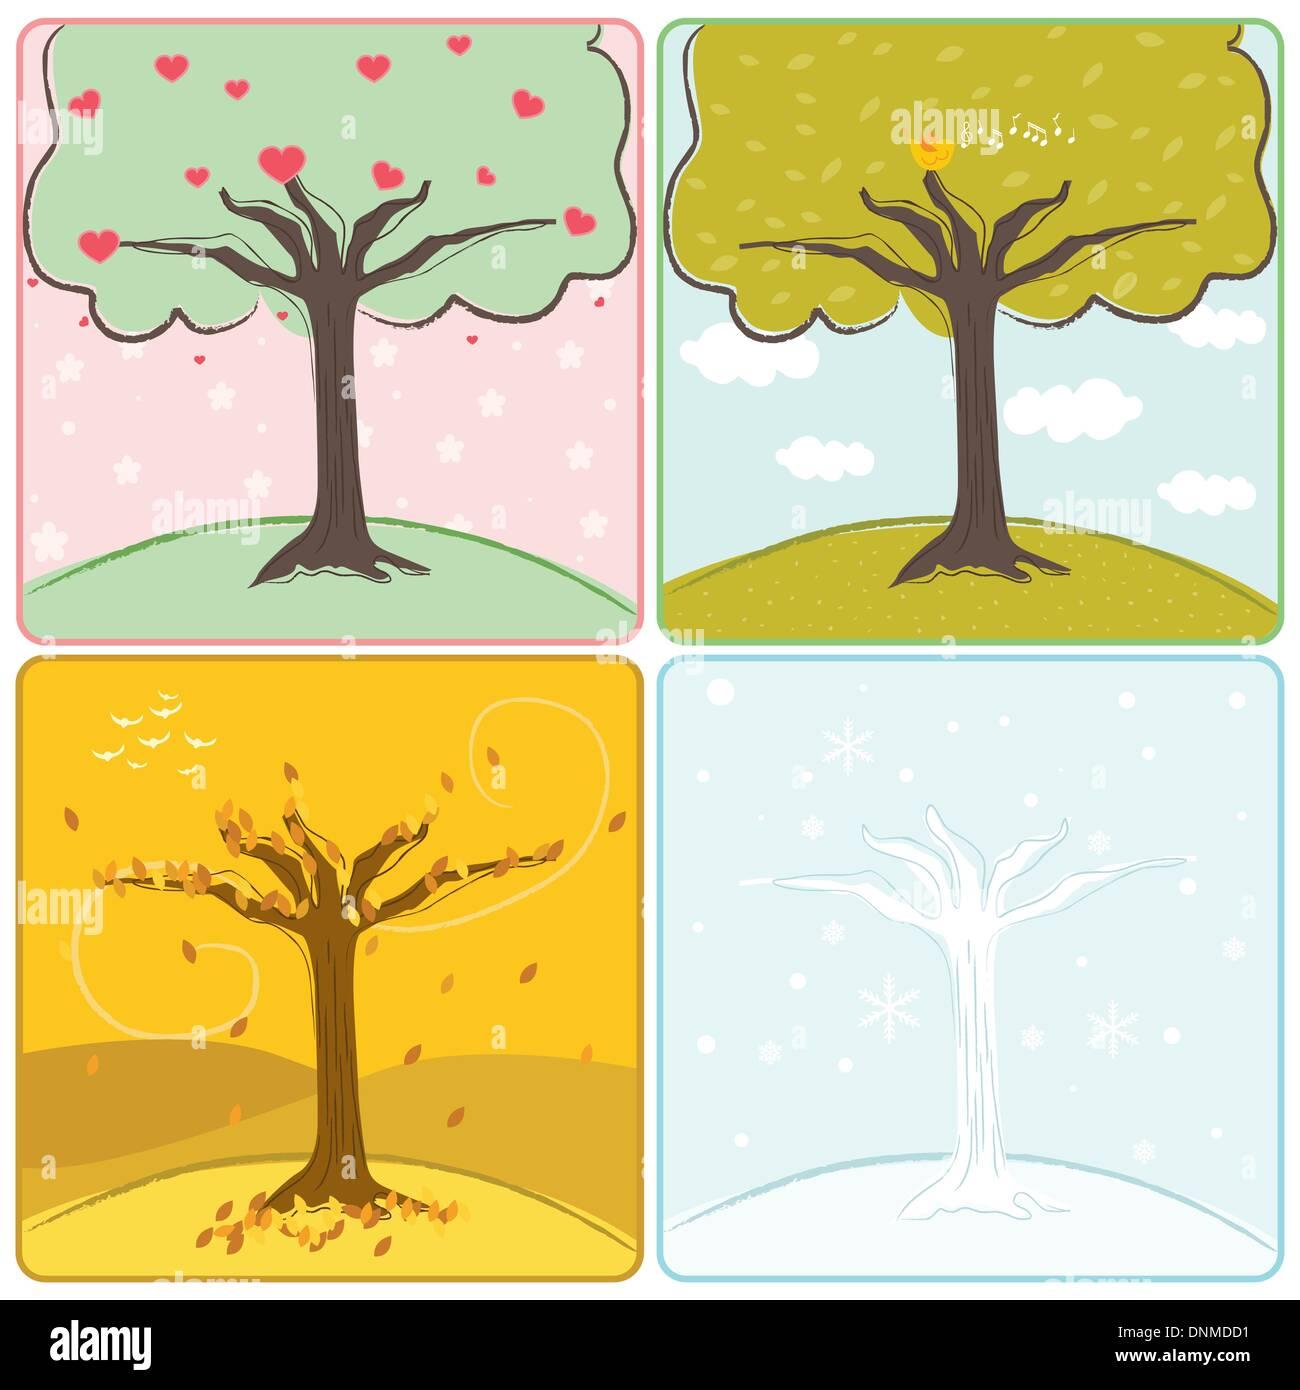 Un vecteur illustration d'un arbre en quatre saisons Photo Stock